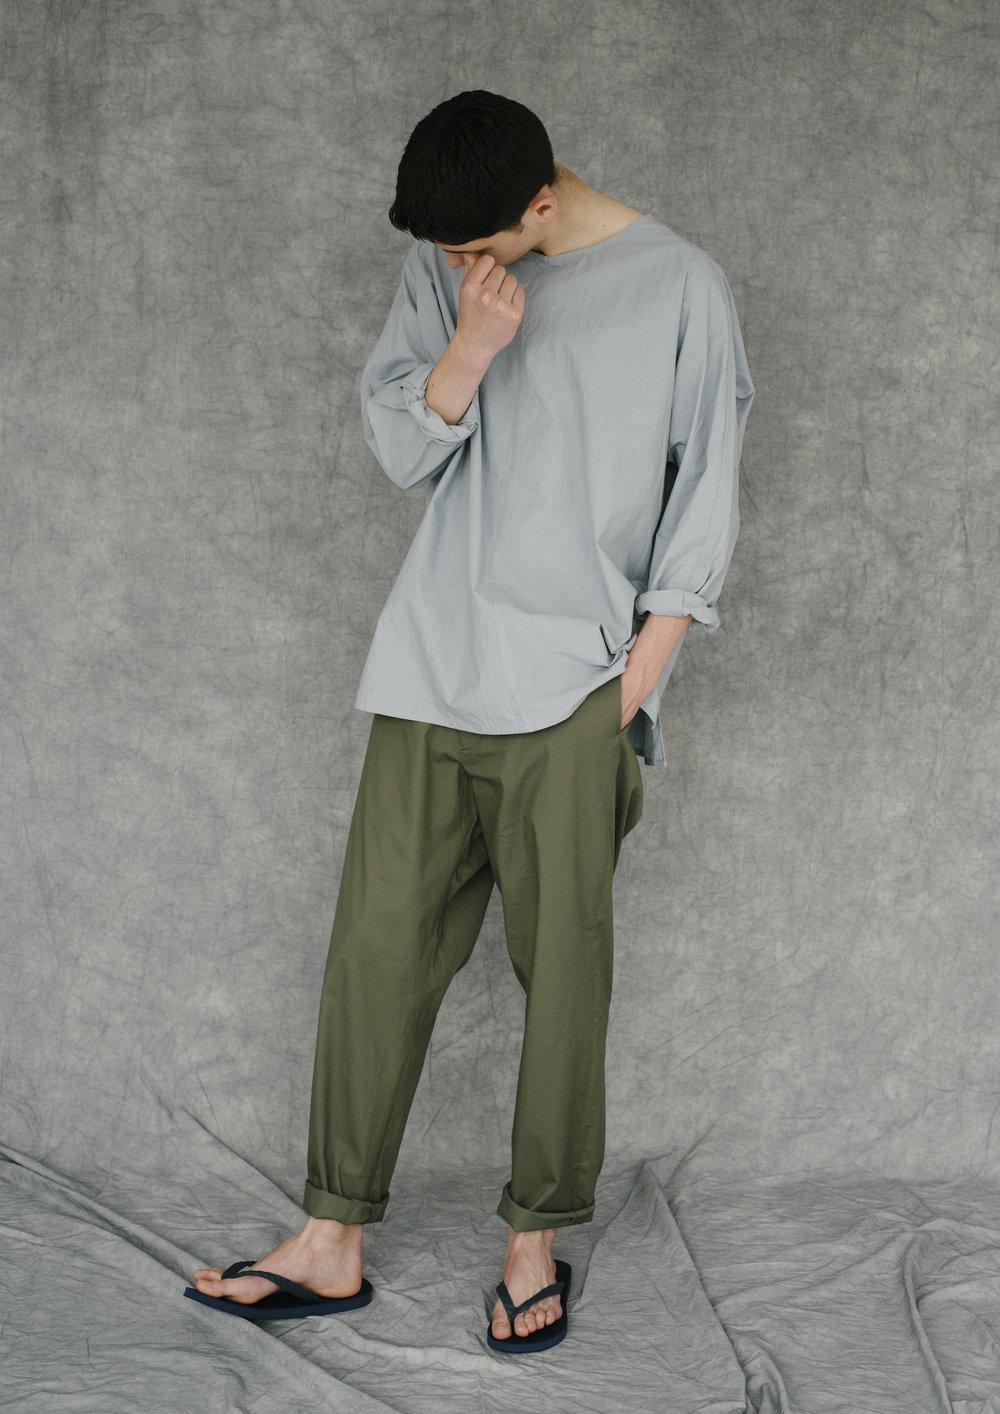 riceman-000.jpg